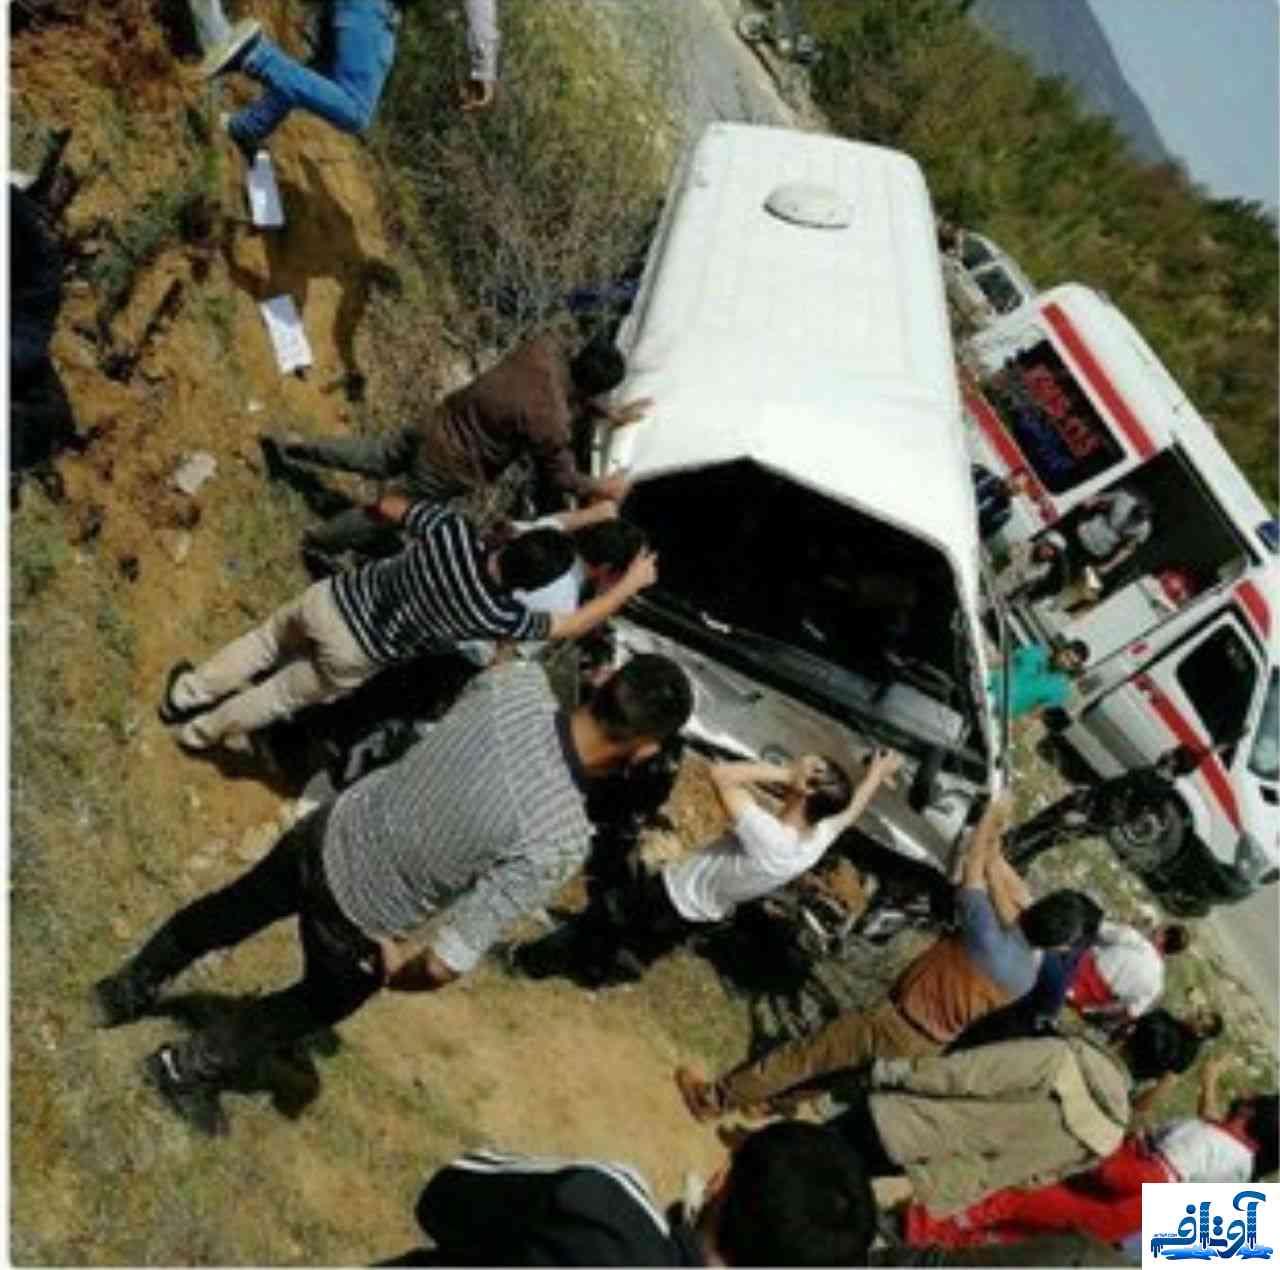 تصادف دانشجویان در دامغان,تعداد کشته شدگان تصادف دانشجویان دامغان,تعداد مصدومان تصادف دامغان اردیبهشت 97,www.avtaf.com